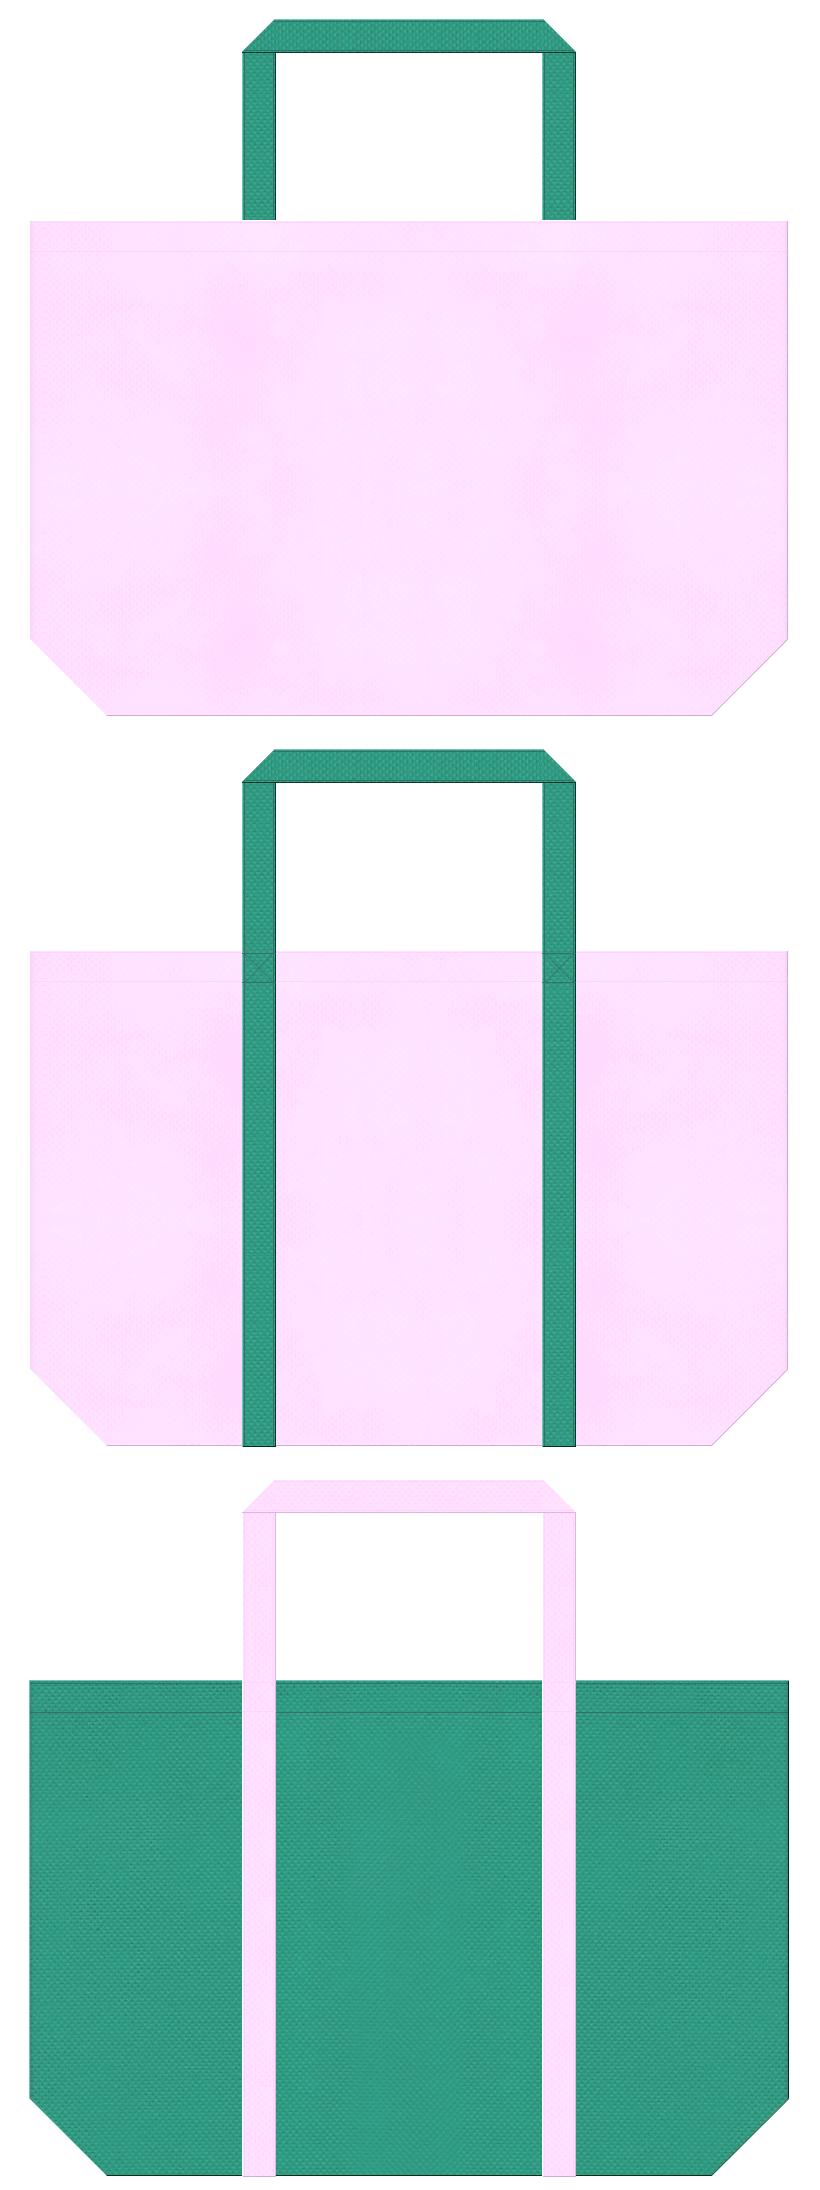 明るいピンク色と青緑色の不織布バッグデザイン。ランドリーバッグにお奨めです。